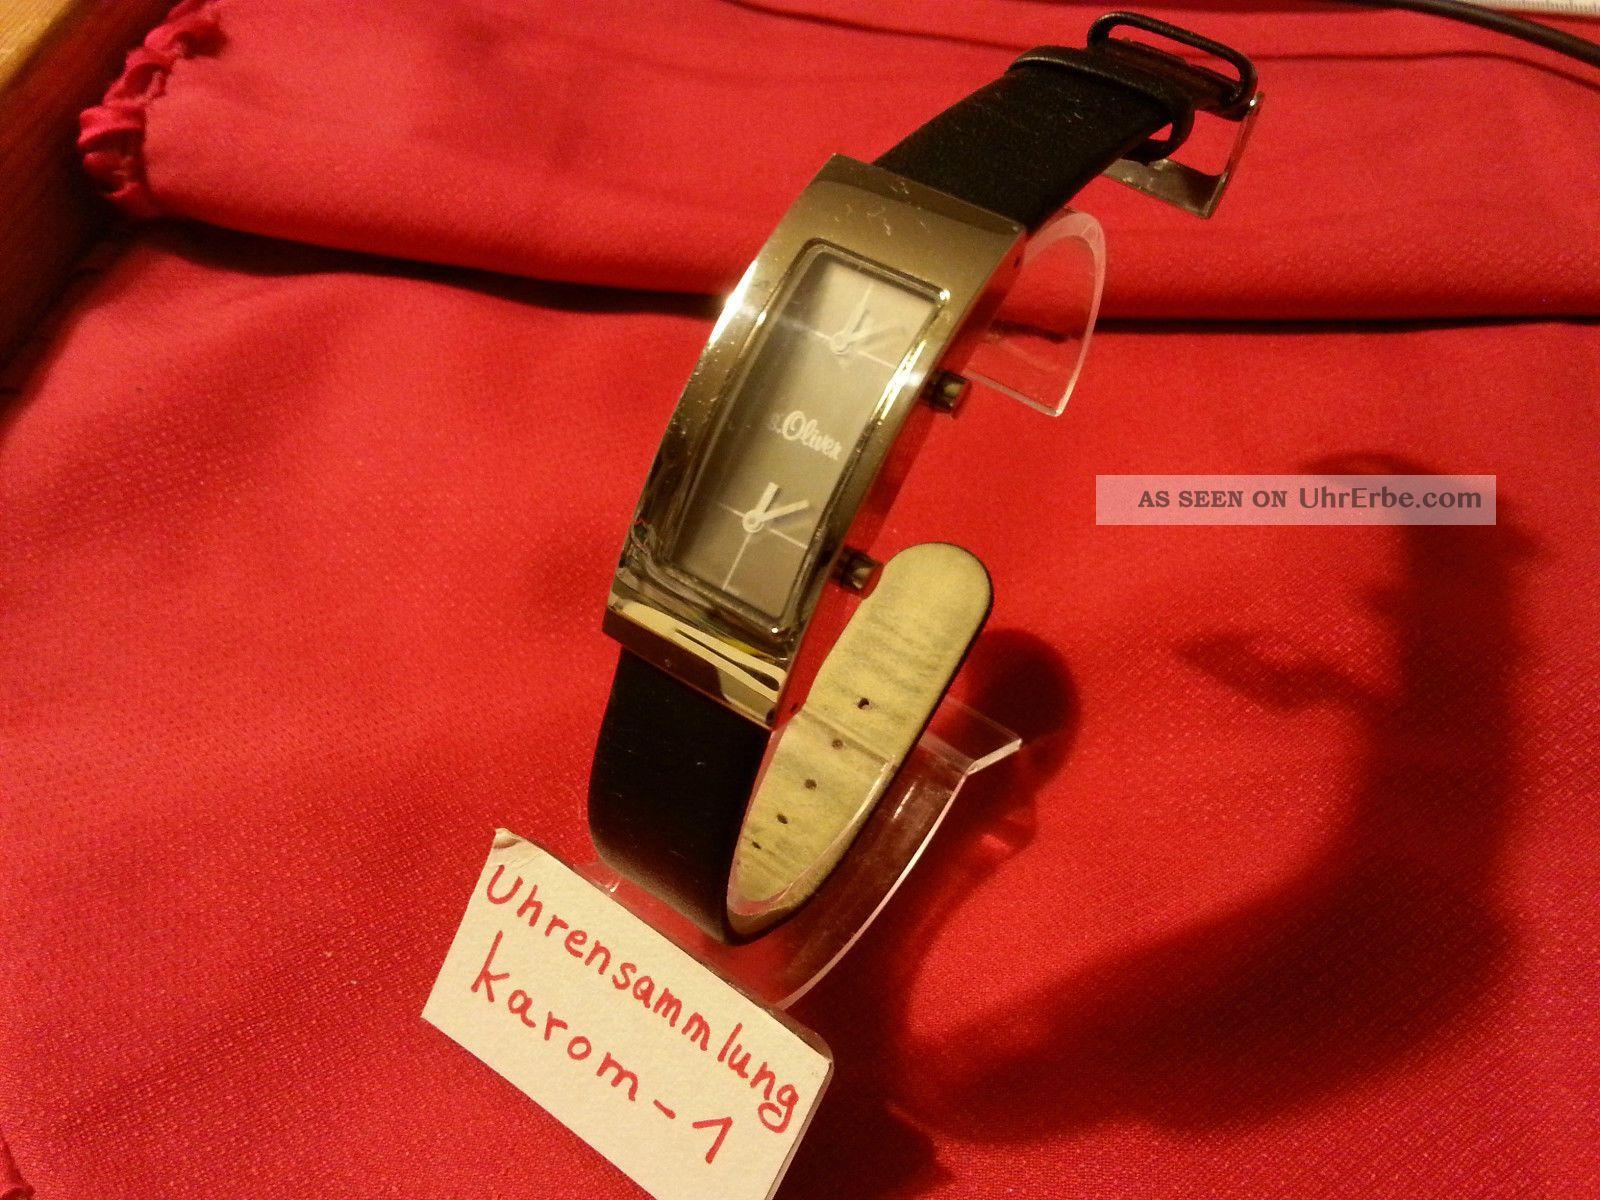 S.  Oliver Soliver S Oliver Damenuhr All Stainless Steel 3 Atm Uhrensammlung Top Armbanduhren Bild